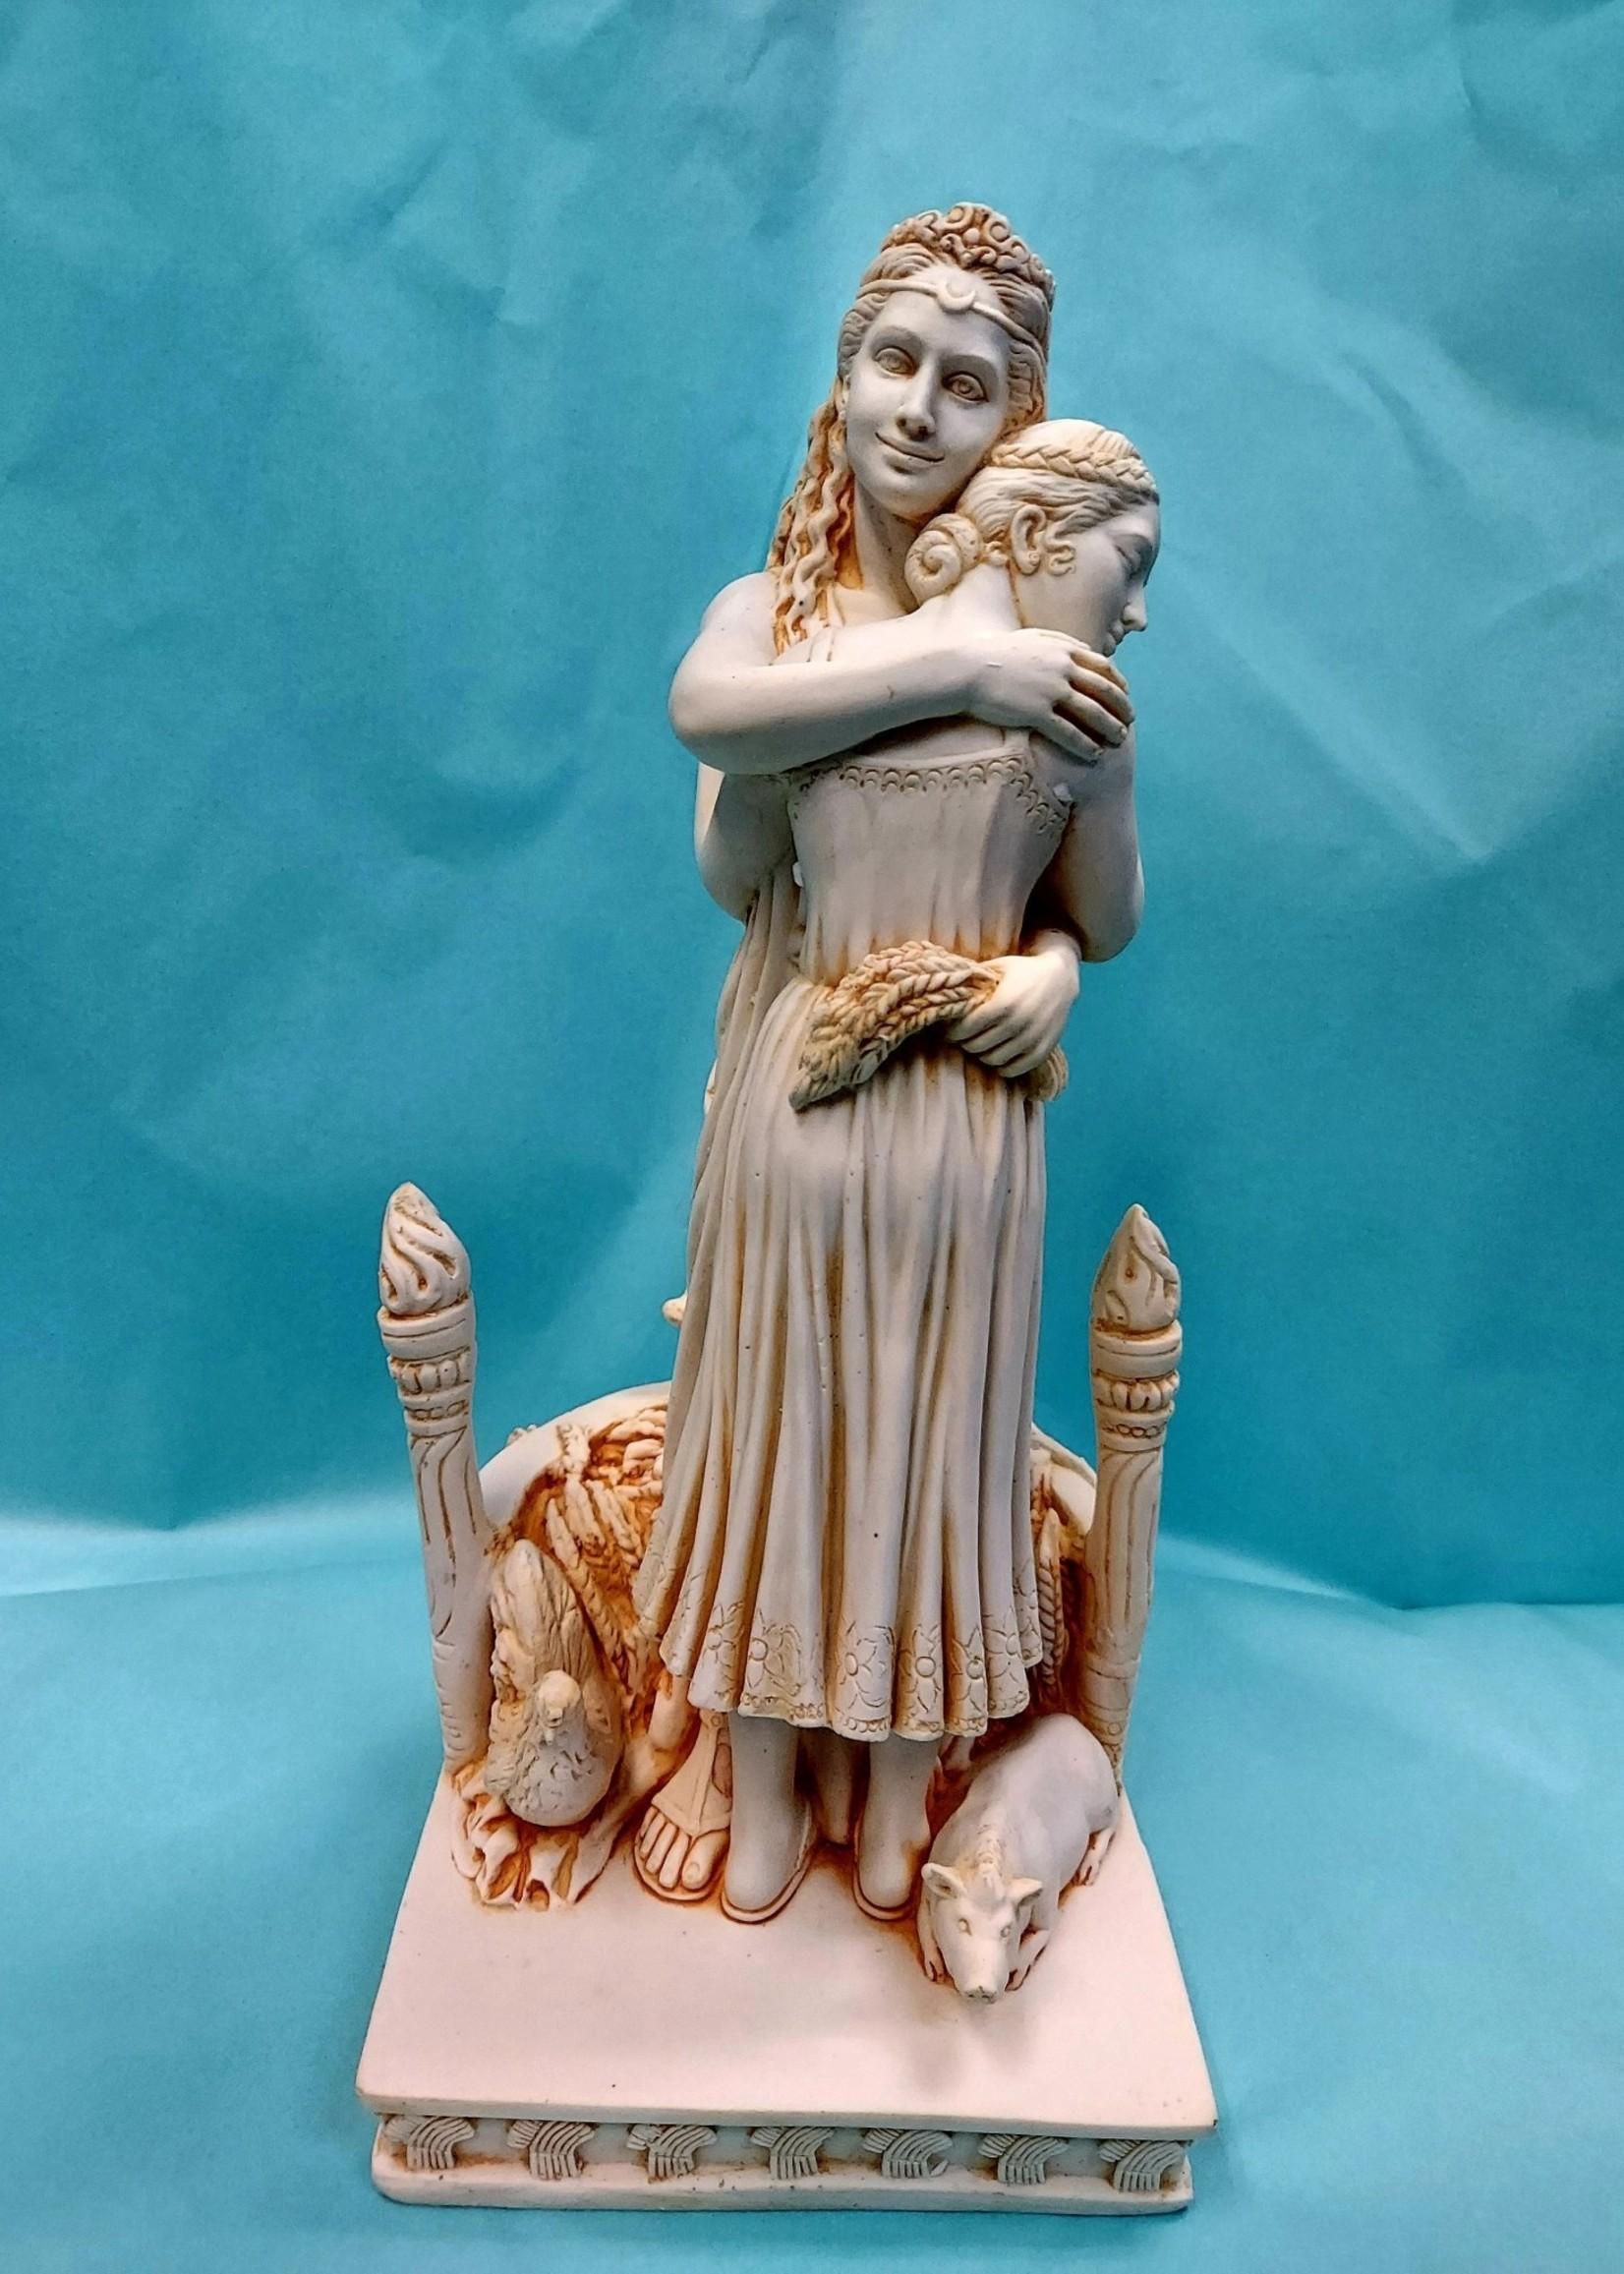 Demeter Hugging Persephone